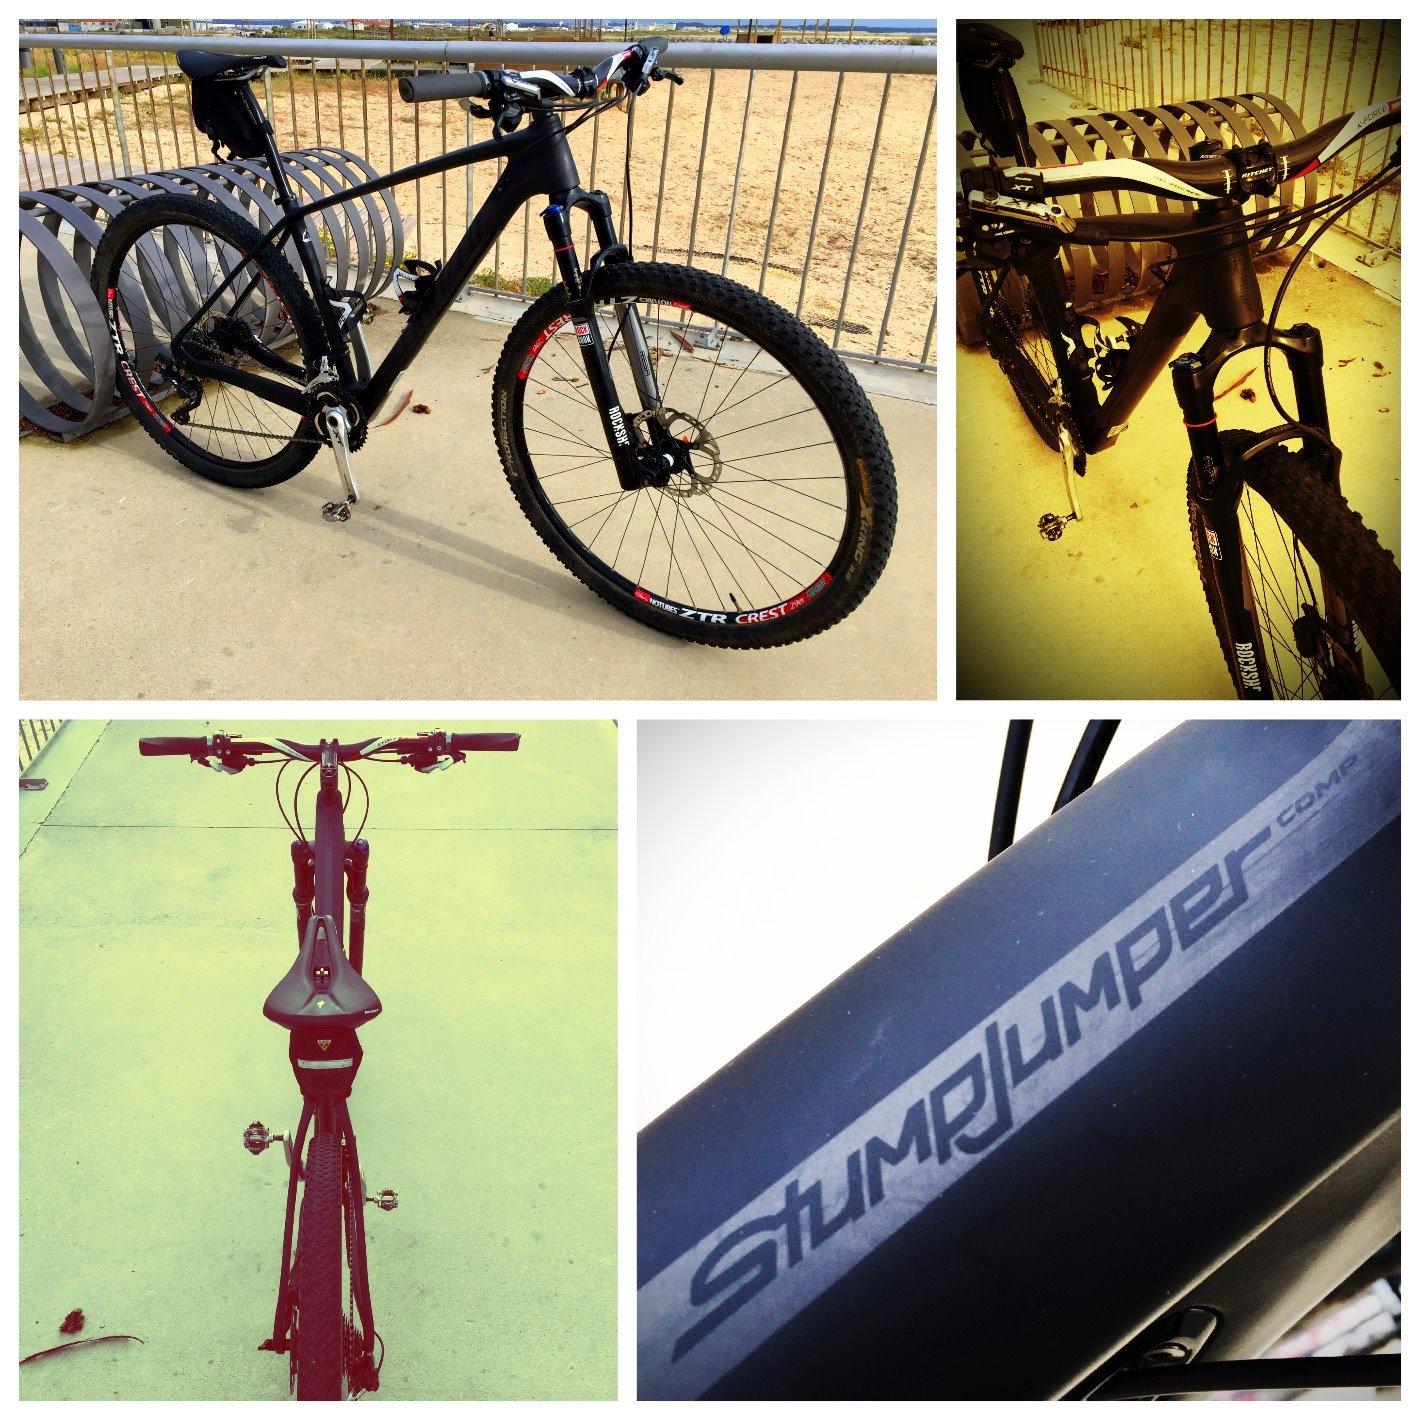 bicicletas-roubadas-na-figueira-da-foz-5